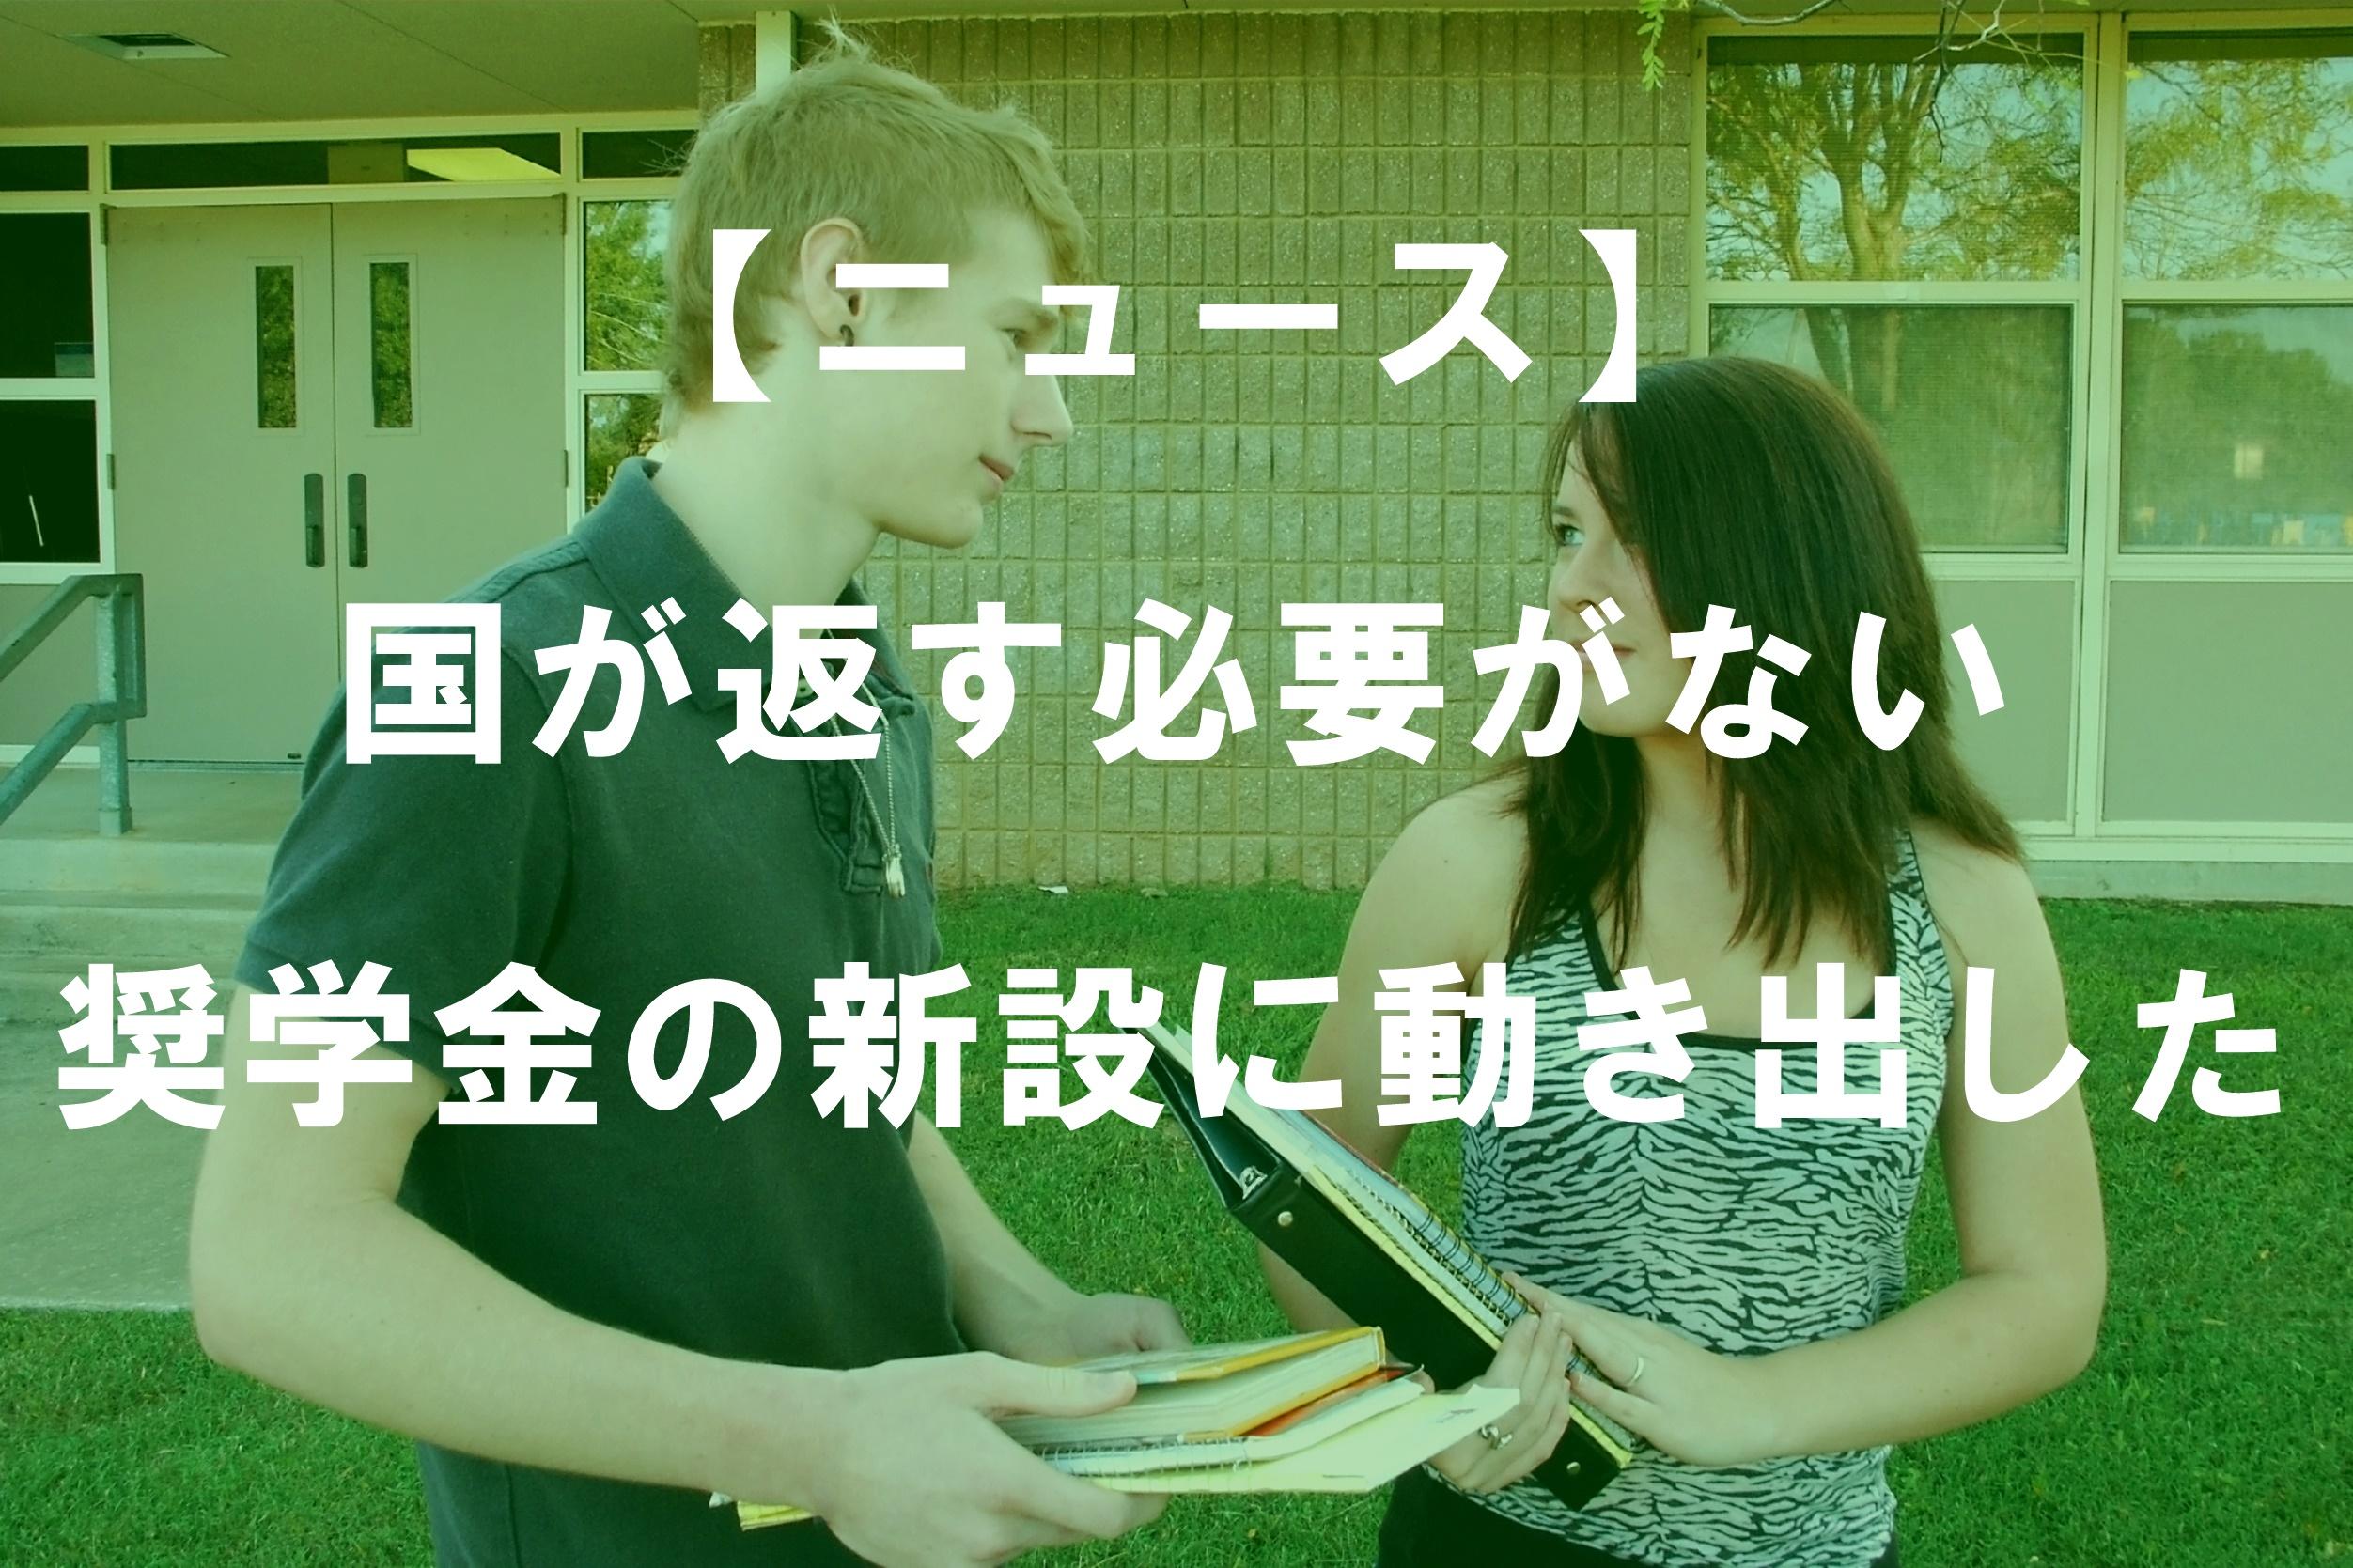 【ニュース】国が返す必要がない奨学金の新設に動き出した